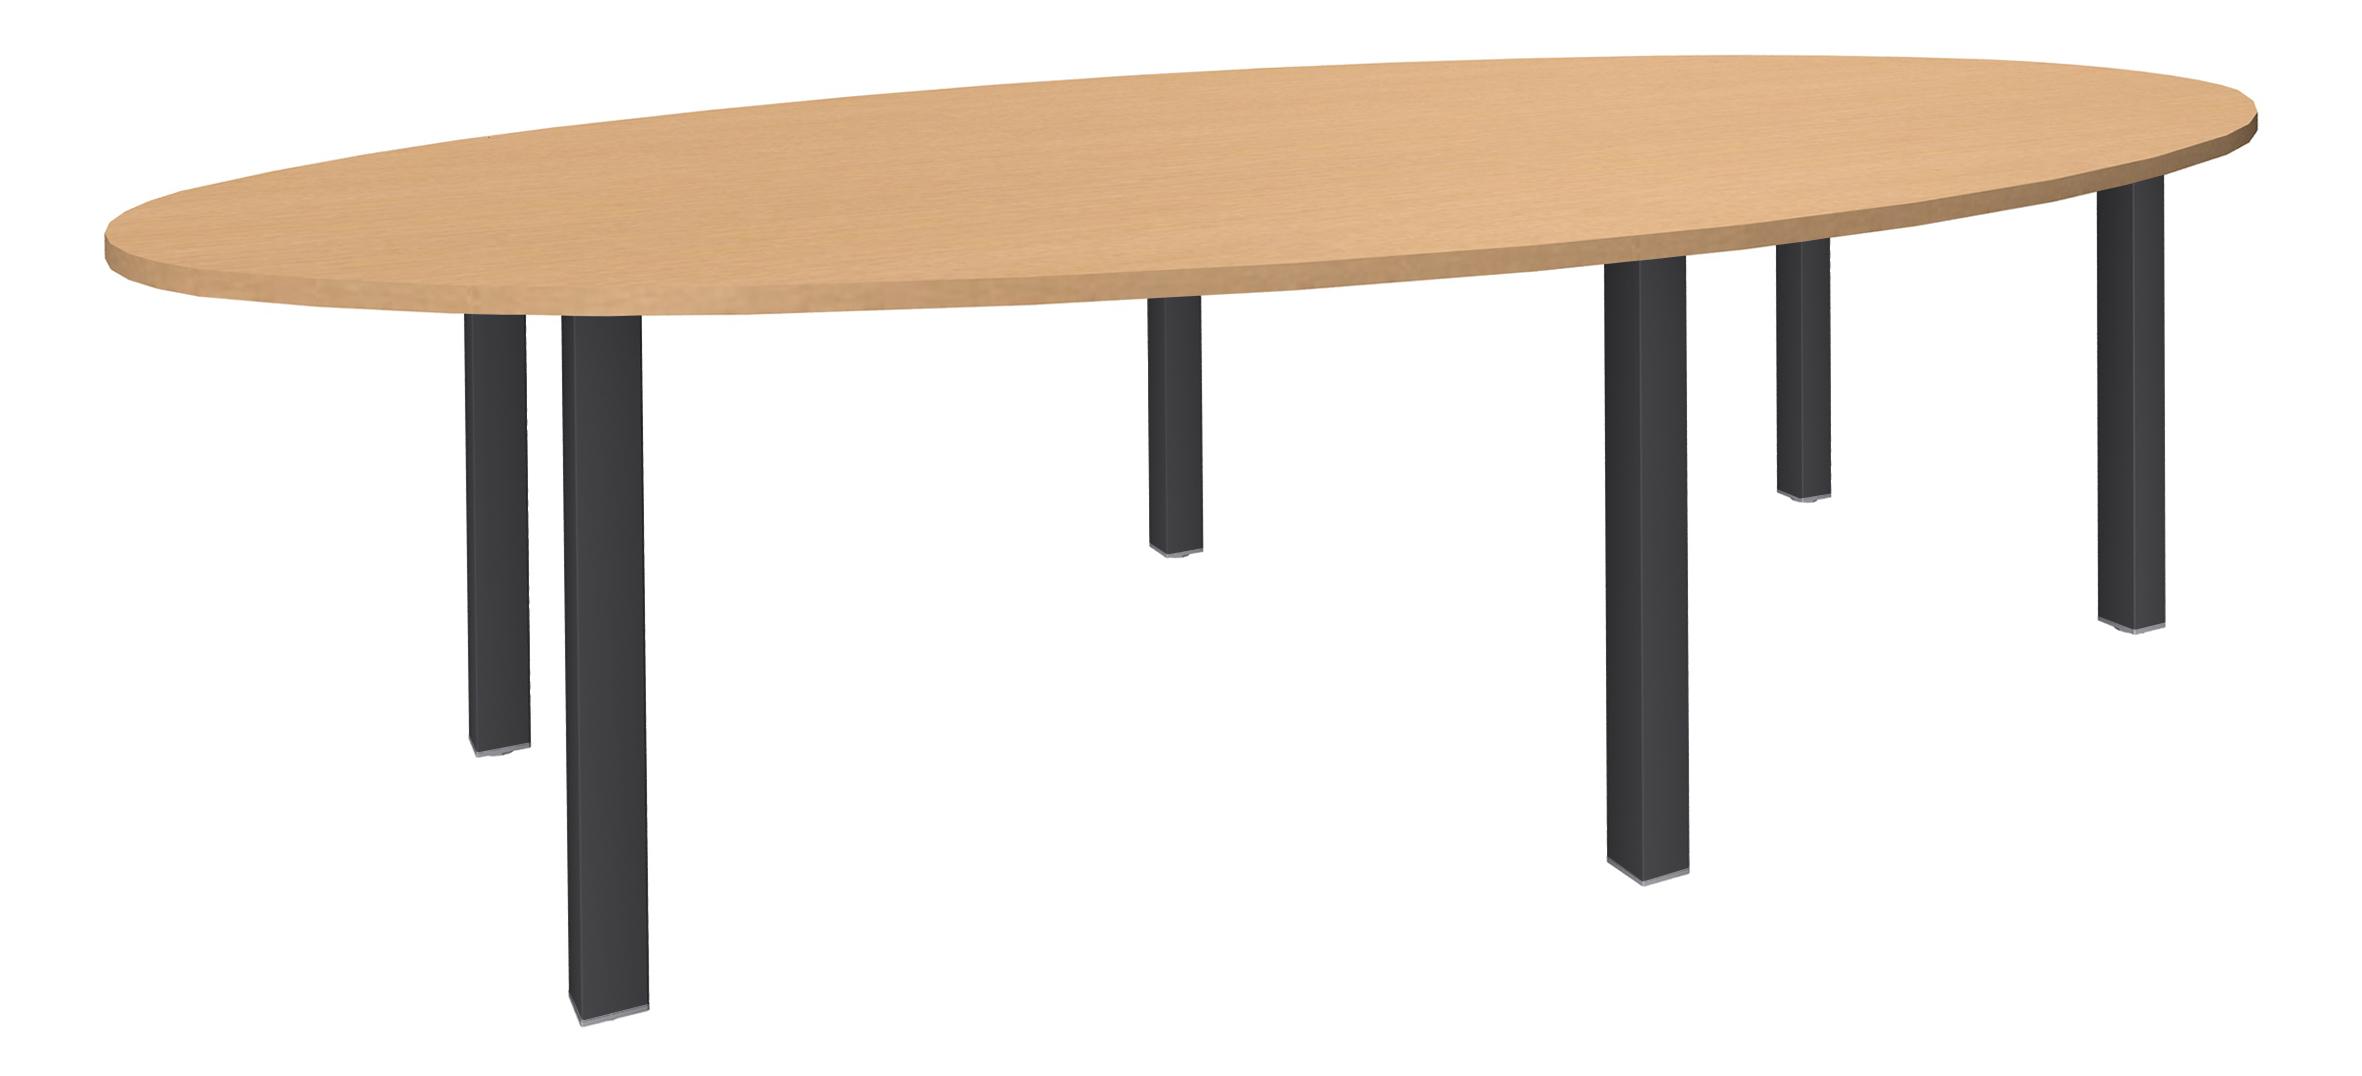 Table de réunion ovale - L280 cm - pieds exprim carbone - Plateau imitation hêtre